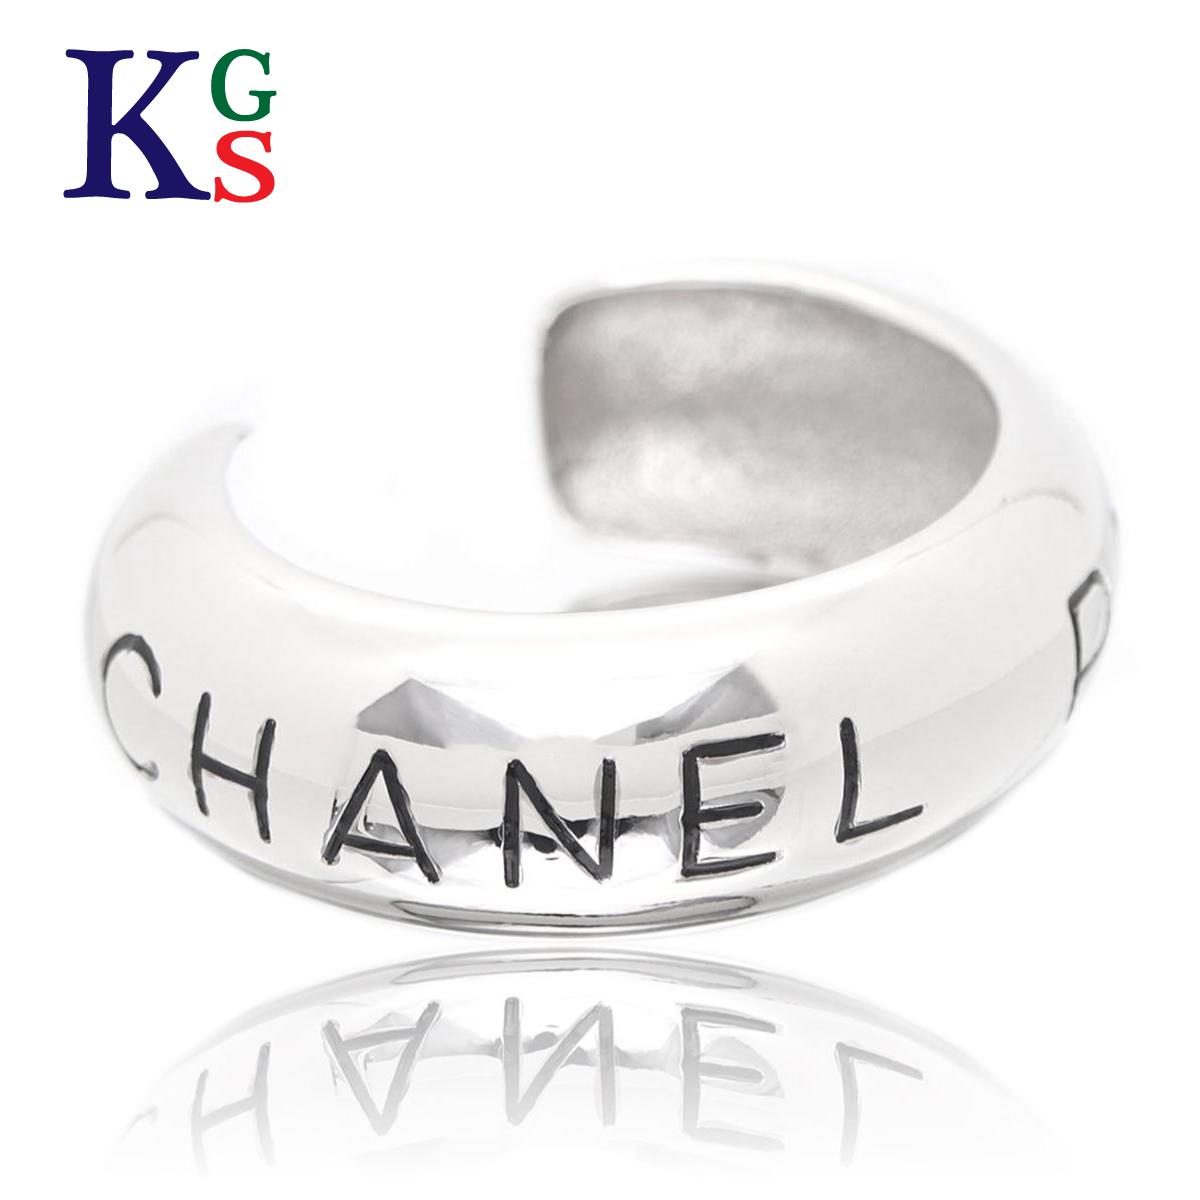 【ギフト品質】シャネル/CHANEL レディース ジュエリー バングル ブレスレット シルバー メタル合金 96P